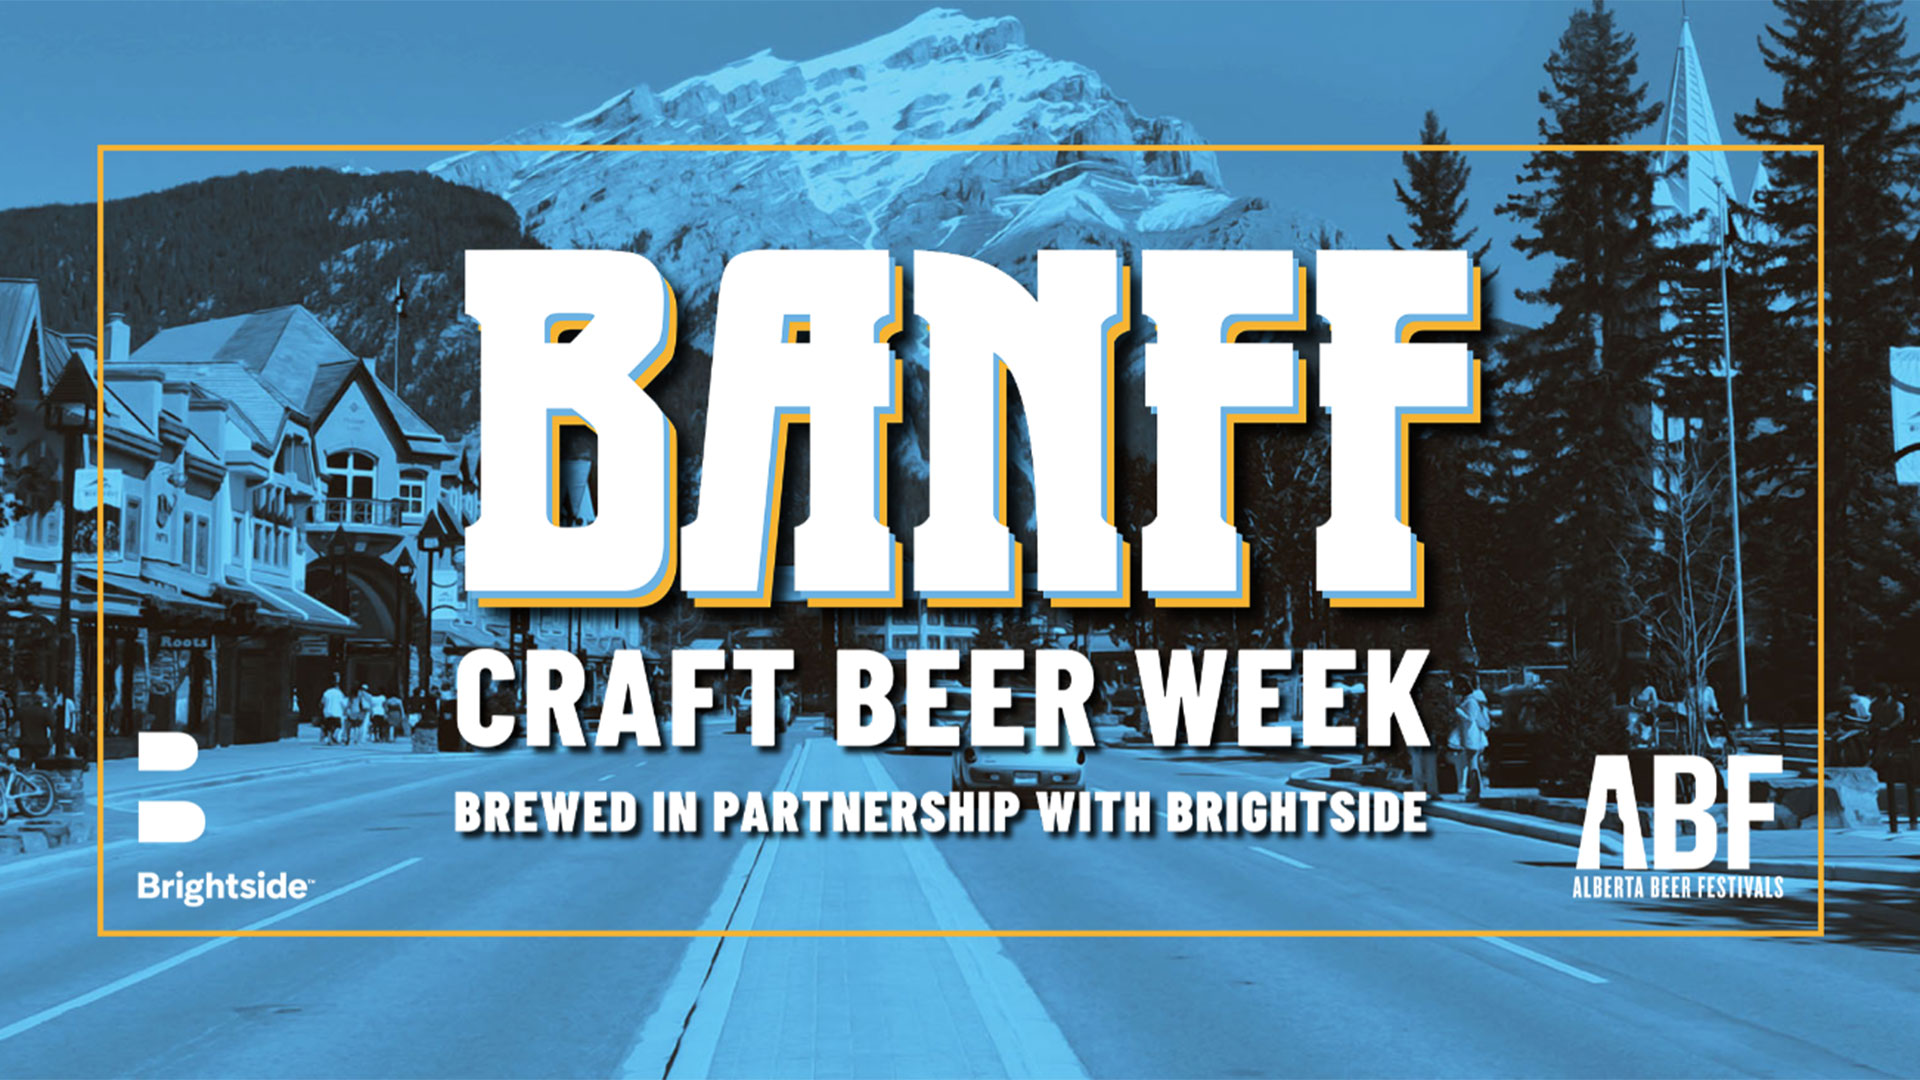 Banff Craft Beer Week